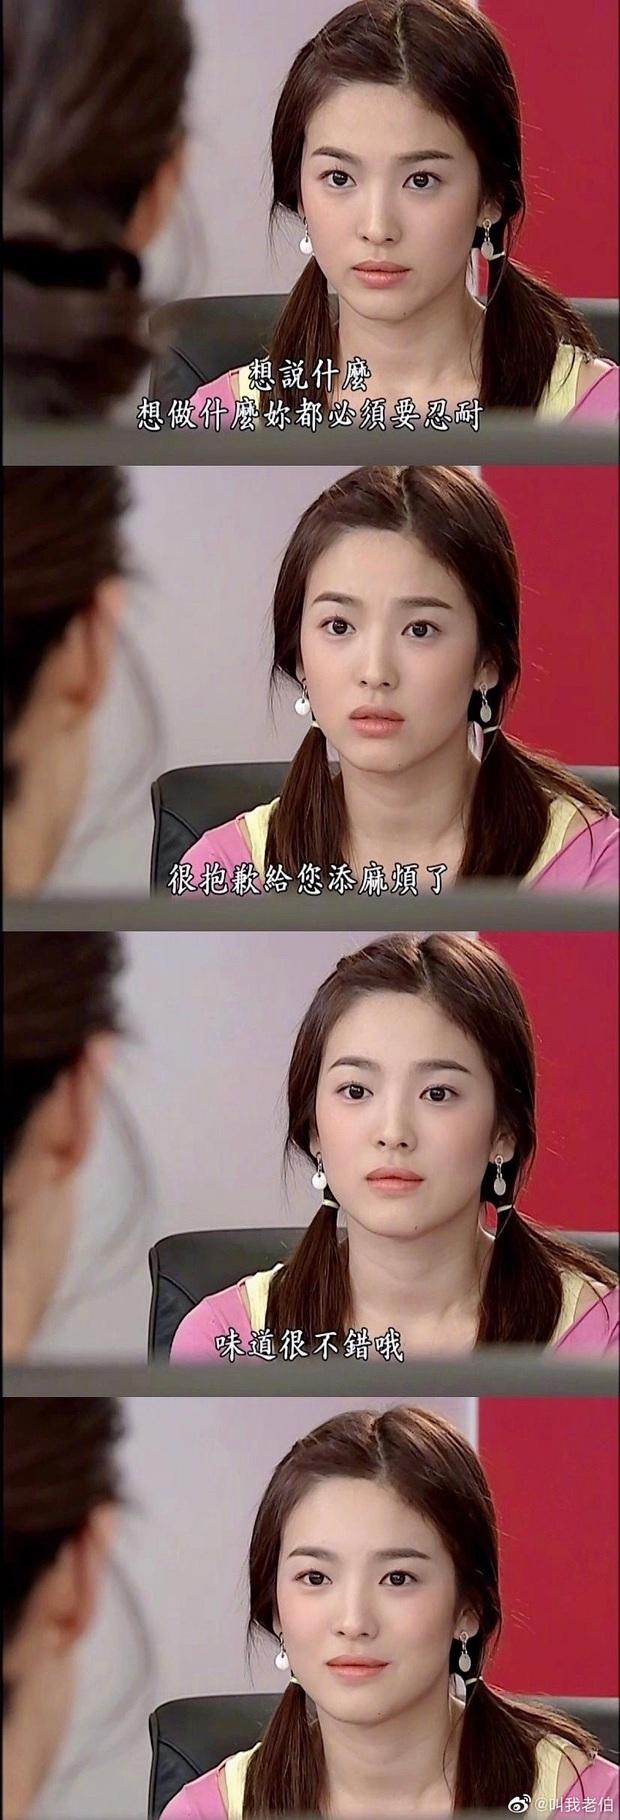 Ngắm lại nhan sắc Song Hye Kyo thuở Full House mới hiểu vì sao Hyun Bin, Song Joong Ki mê nàng như điếu đổ - Ảnh 6.